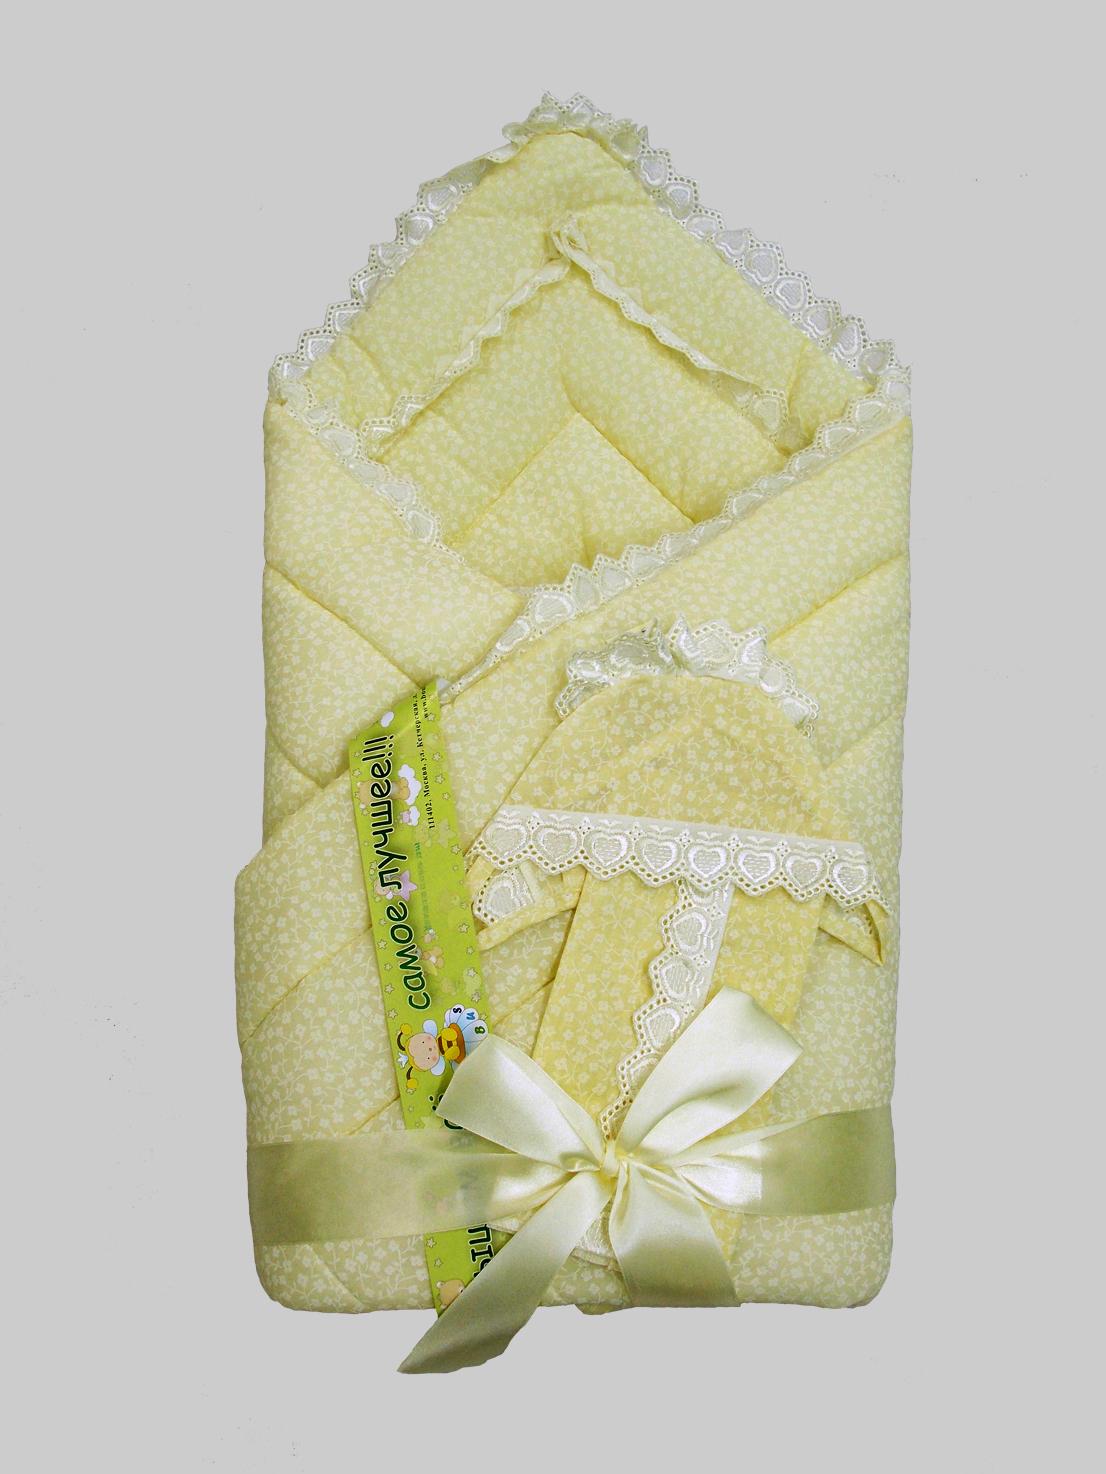 Одеяло на выписку - Фунтик, 4 предмета, бежевоеКомплекты на выписку<br>Одеяло на выписку - Фунтик, 4 предмета, бежевое<br>